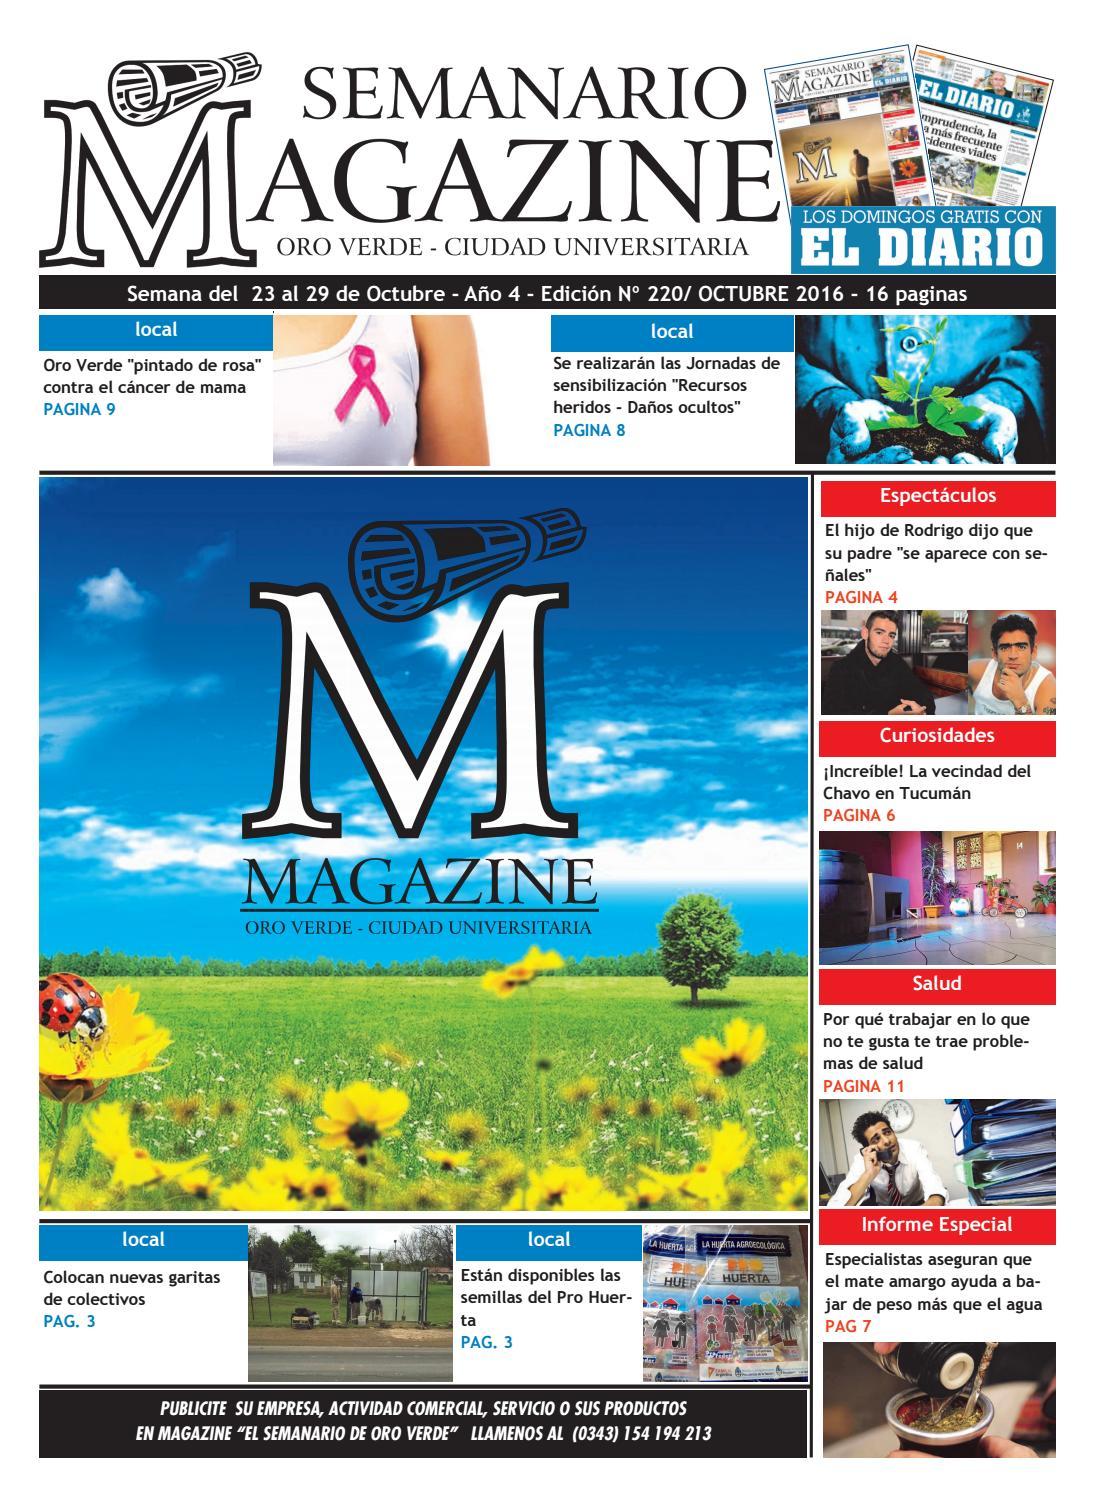 92 Semanario Magazine Edicion N 220 Semana Del 23 Al 29